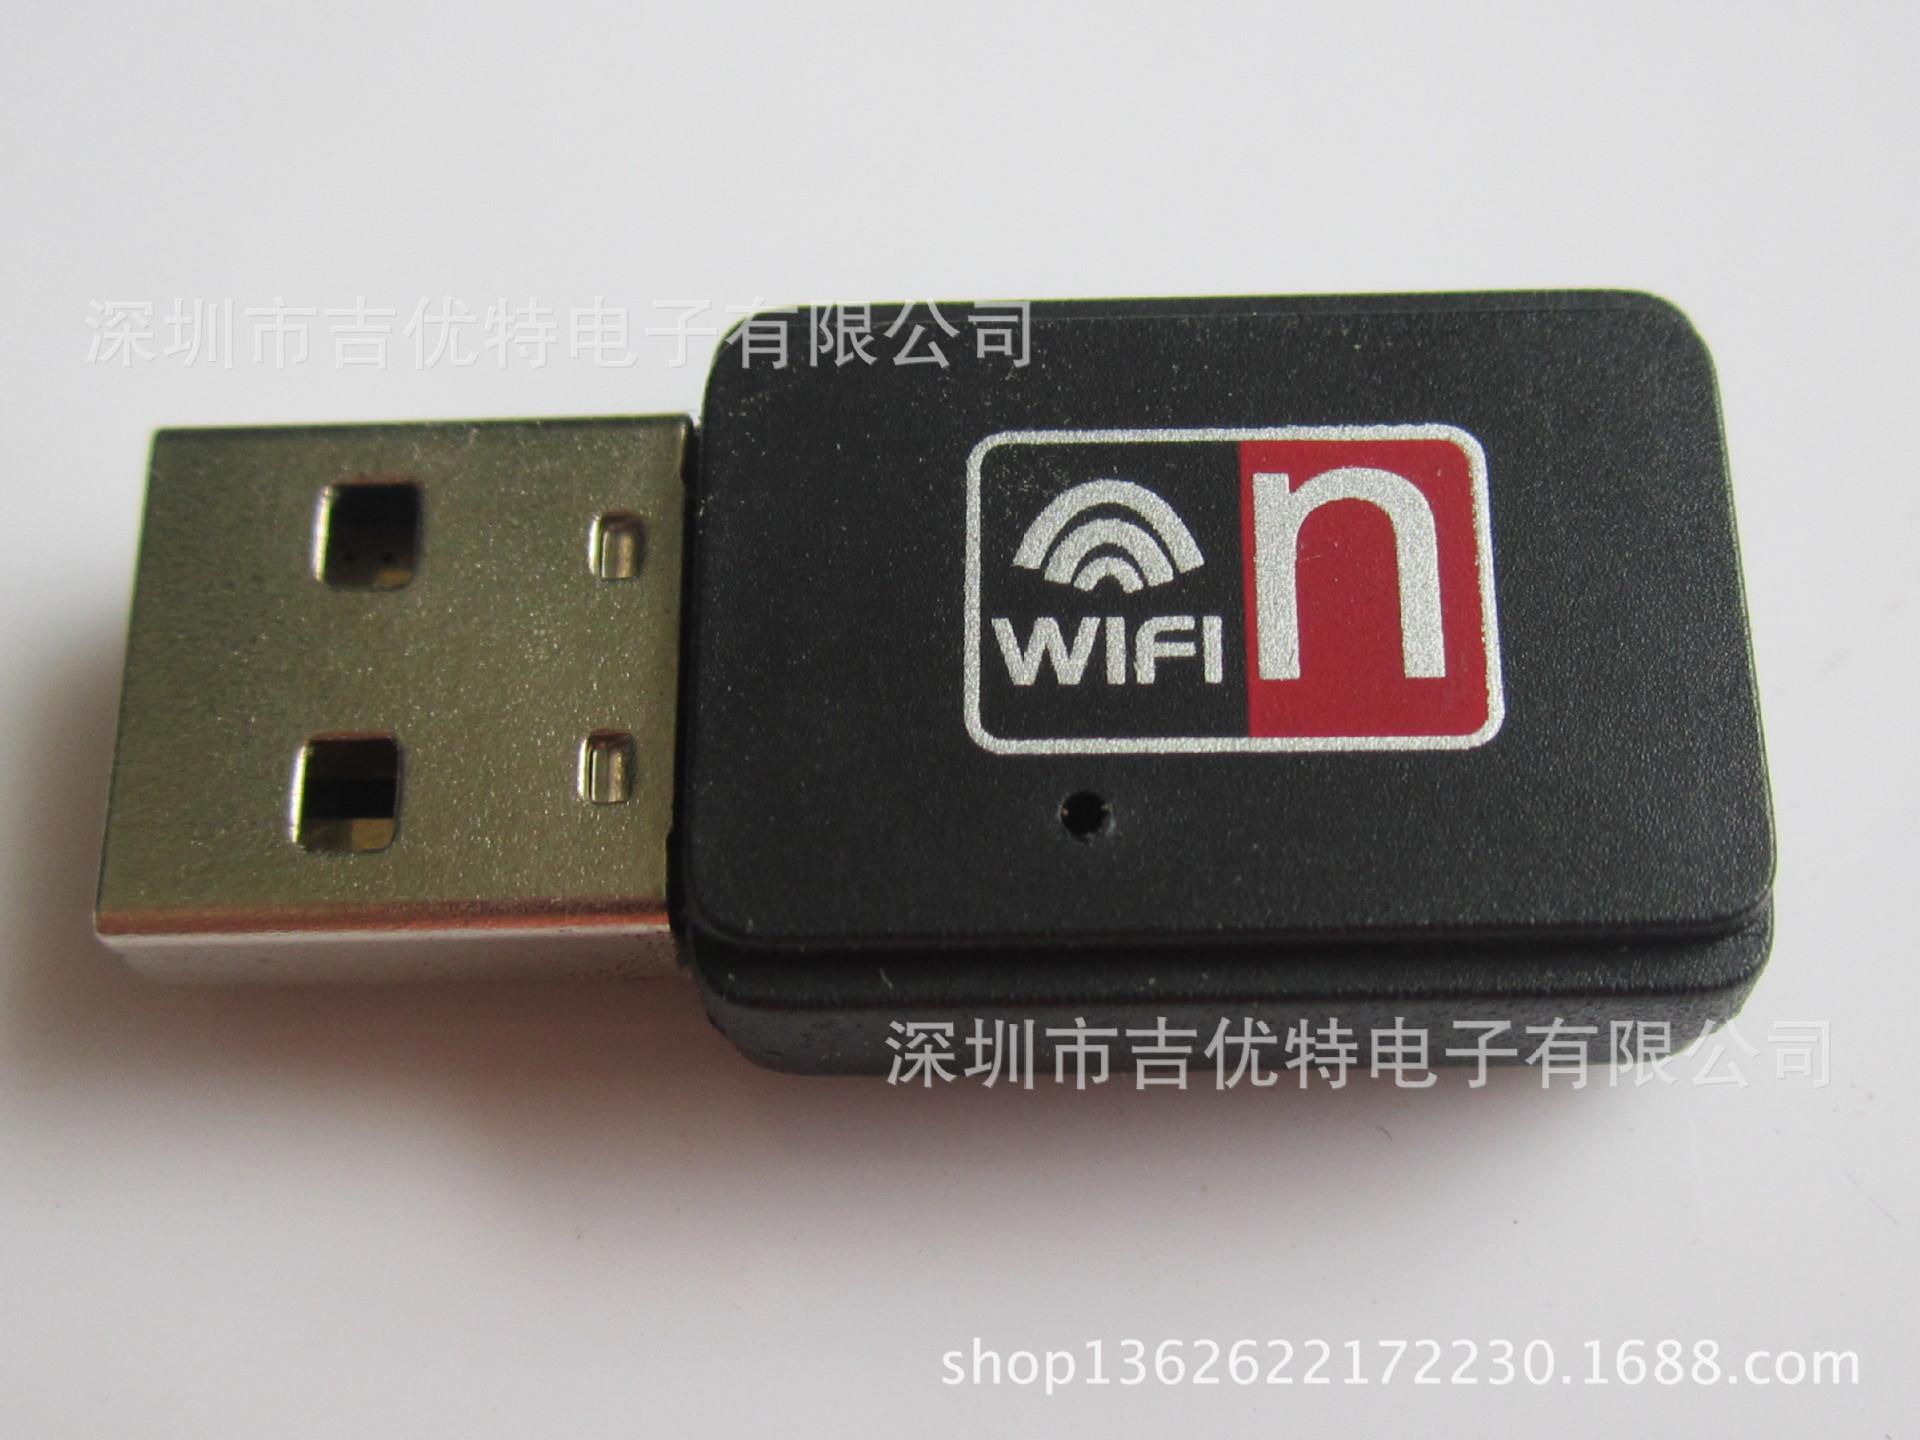 300M无线信号中继器 WIFI无线信号放大器 迷你无线中继放大器 -中继图片